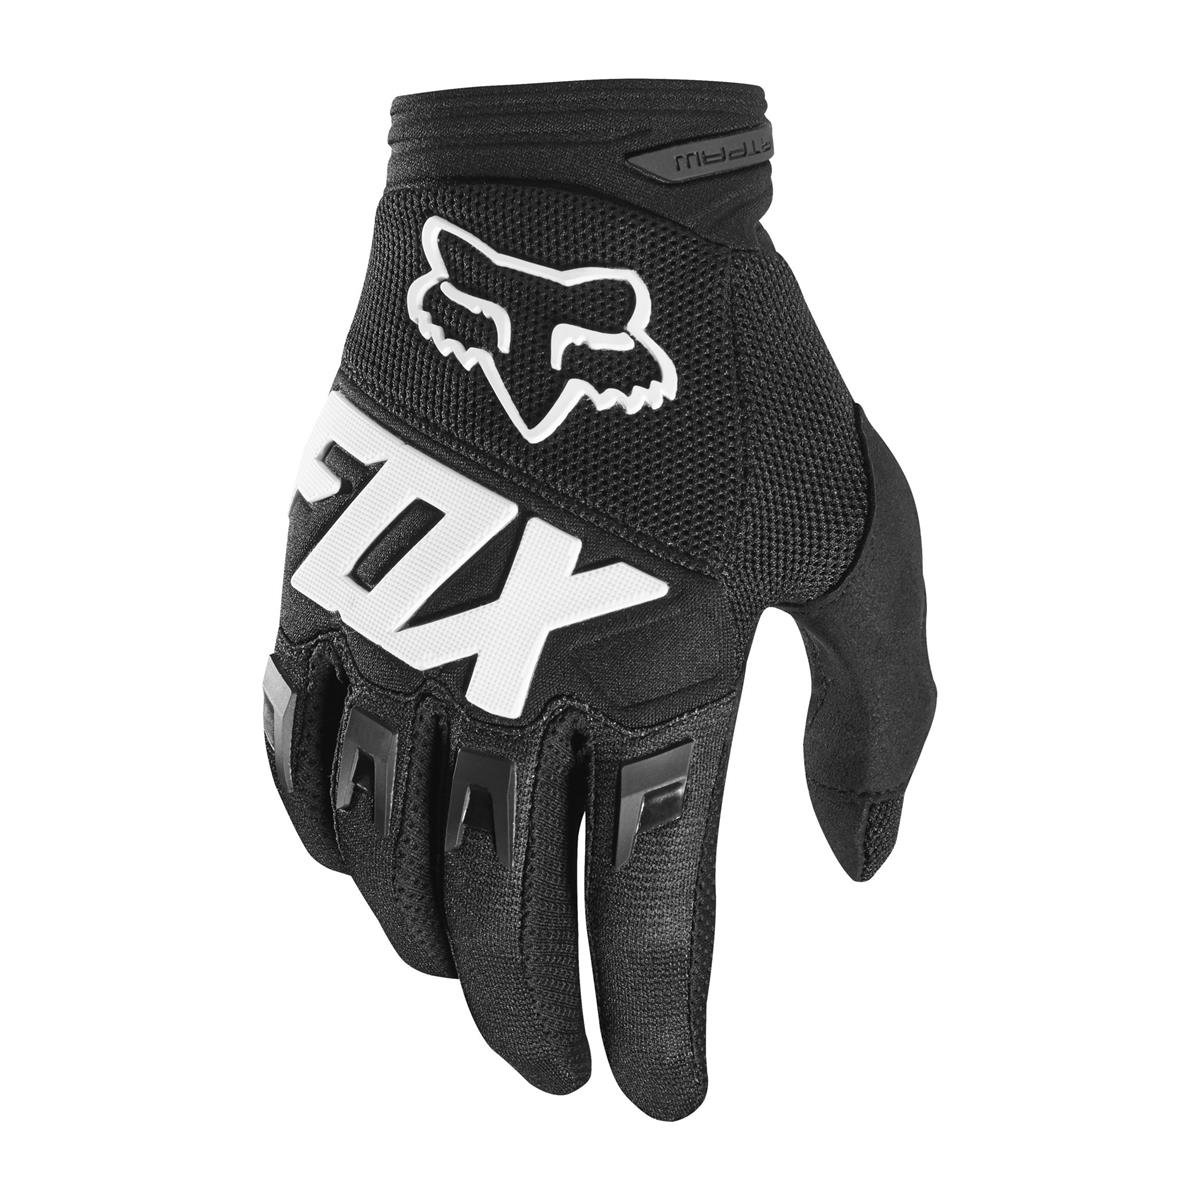 Fox Handschuhe Dirtpaw Schwarz